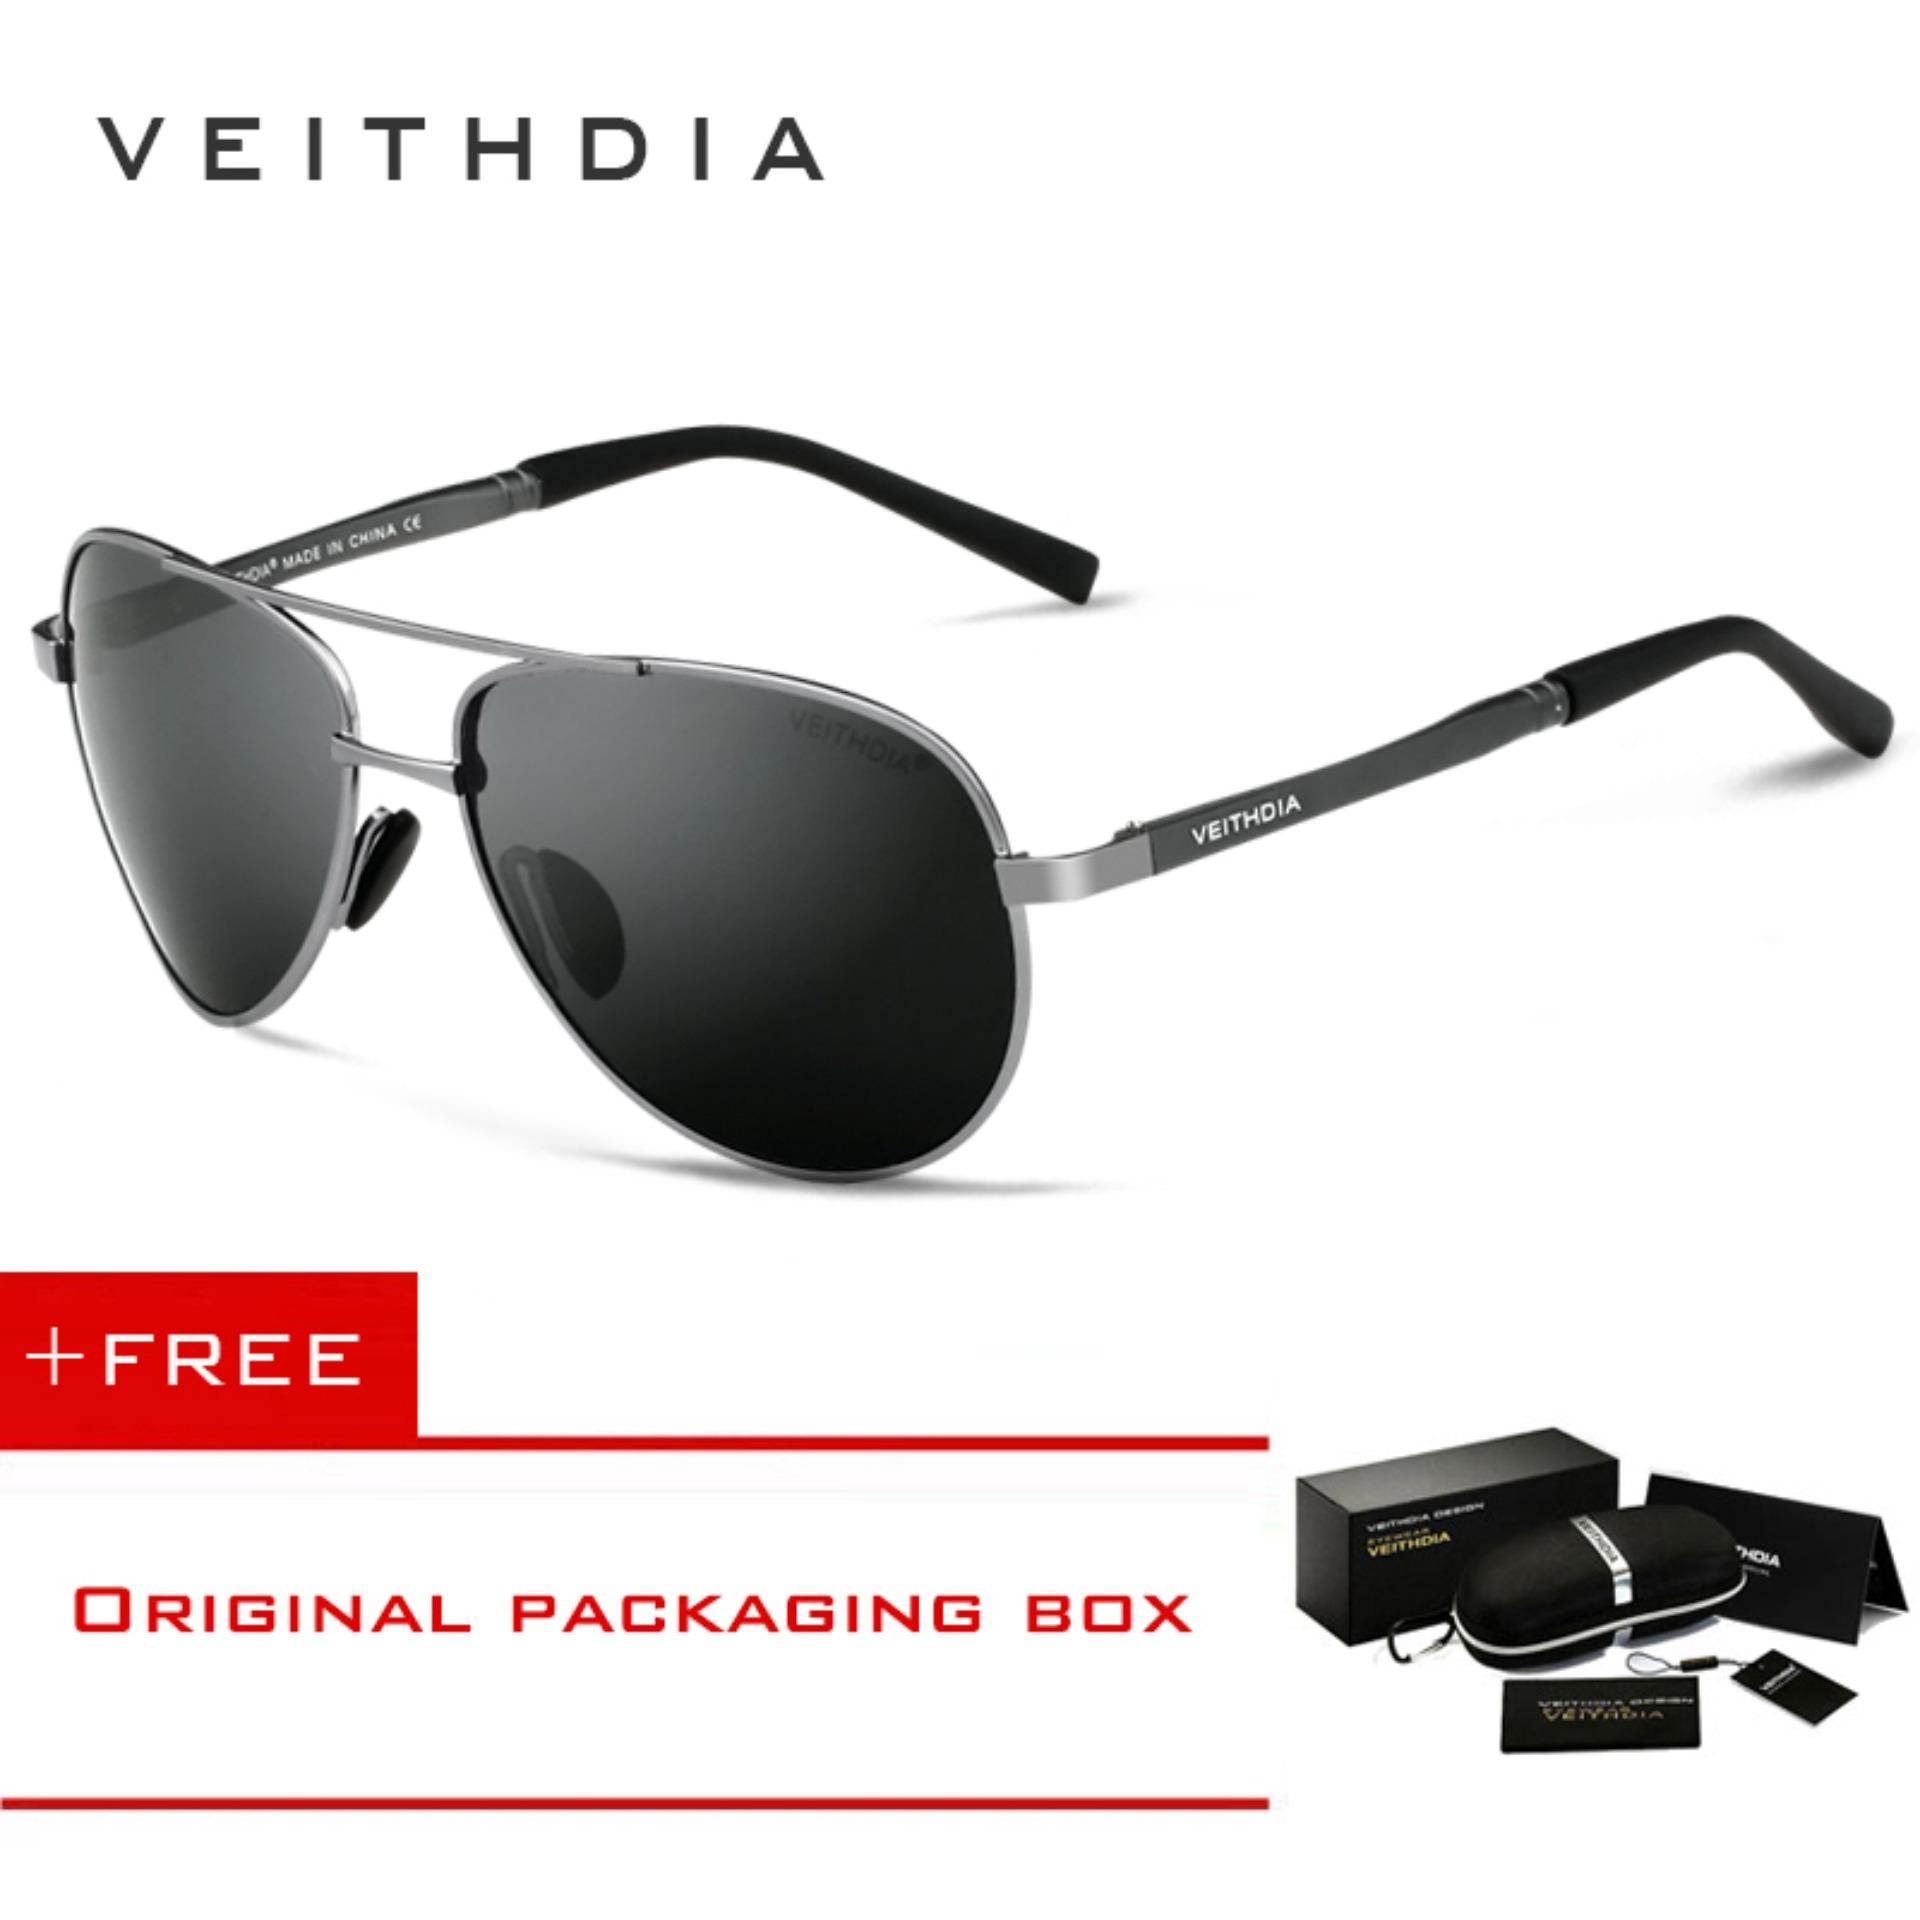 cf7e8063fe2 VEITHDIA Men s Sunglasses Brand Designer Pilot Polarized Male Sun Glasses  Eyeglasses For Men 1306